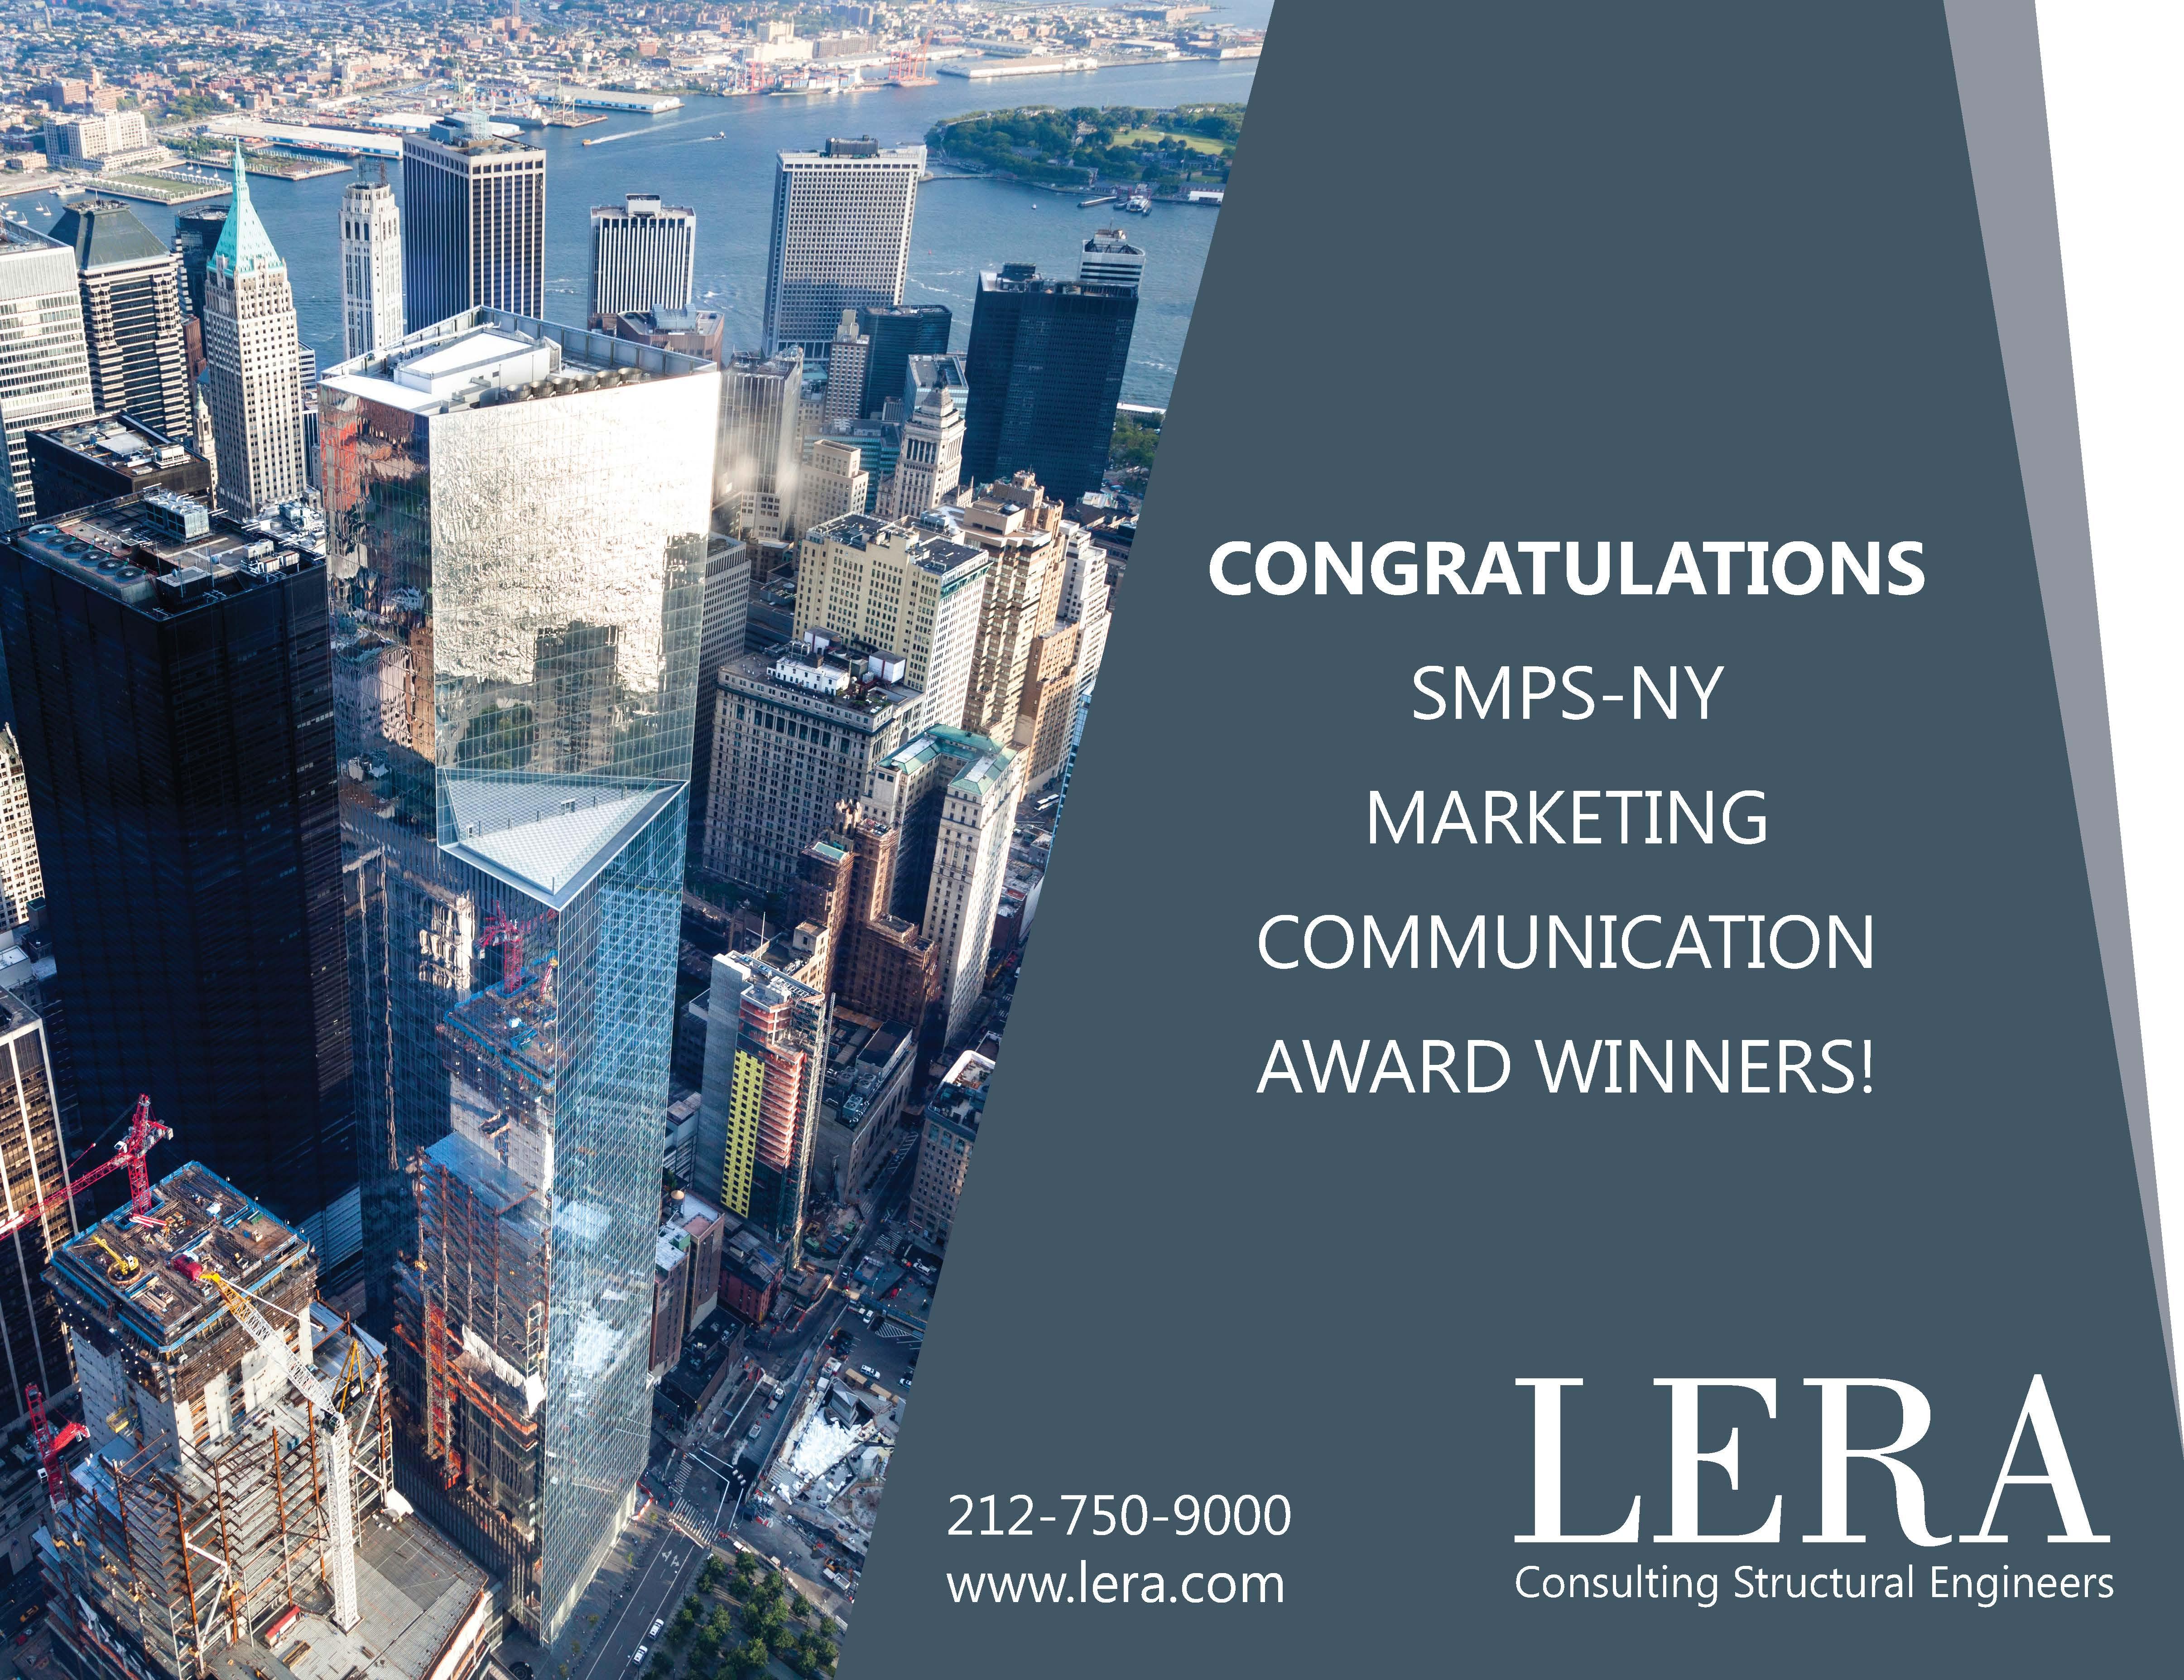 LERA SMPS Ad Final 5.20.2016